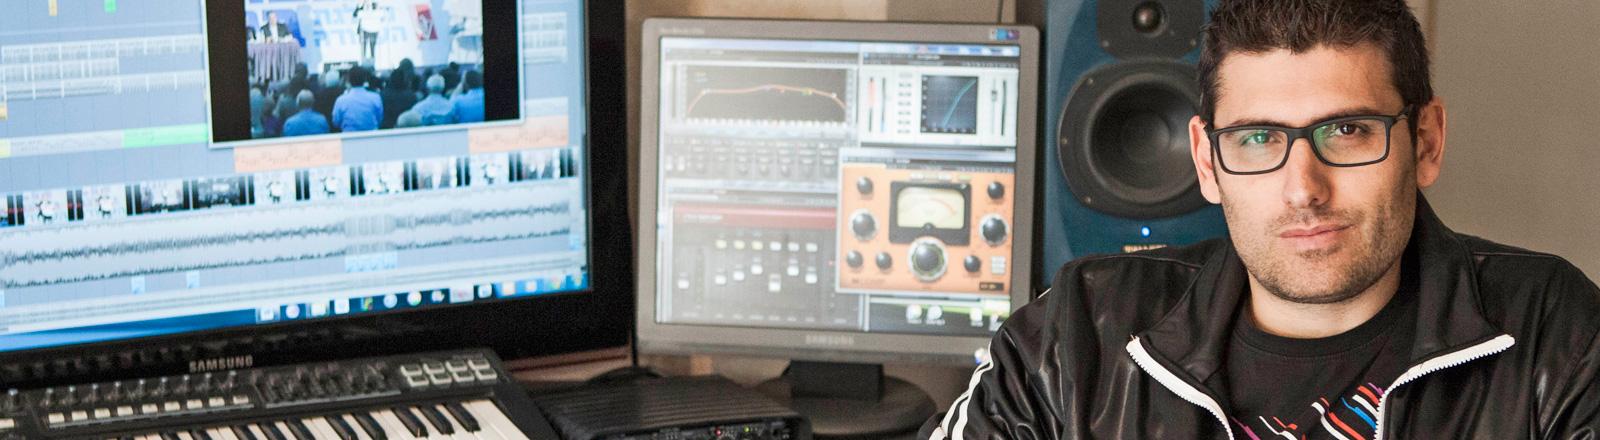 Der Musikkünstler Noy Alooshe sitzt in seinem Studio in Tel Aviv. Er hat kurze schwarze Haare und trägt eine Brille; Bild: dpa